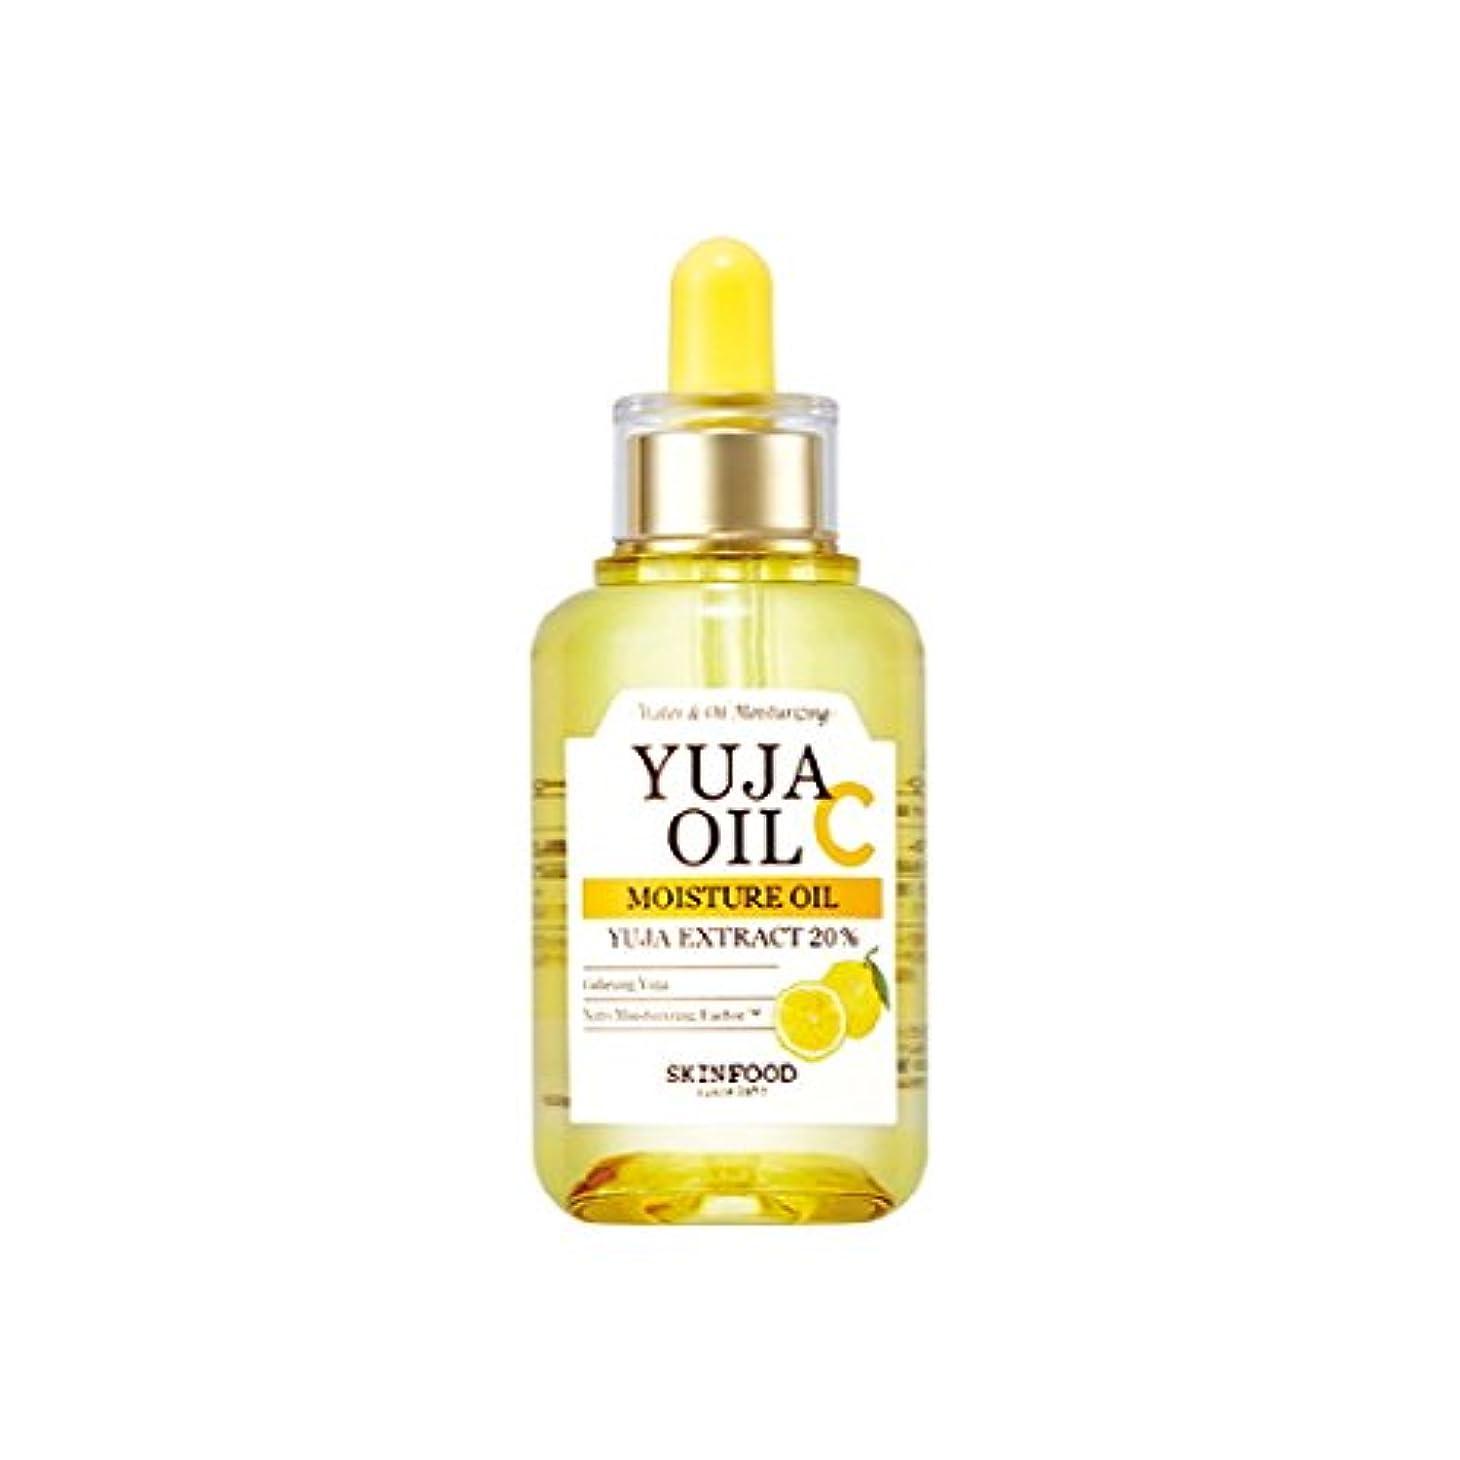 とても木曜日半島[New] SKINFOOD Yuja Oil C Moisture Oil 53ml/スキンフード 柚子 オイル C モイスチャー オイル 53ml [並行輸入品]